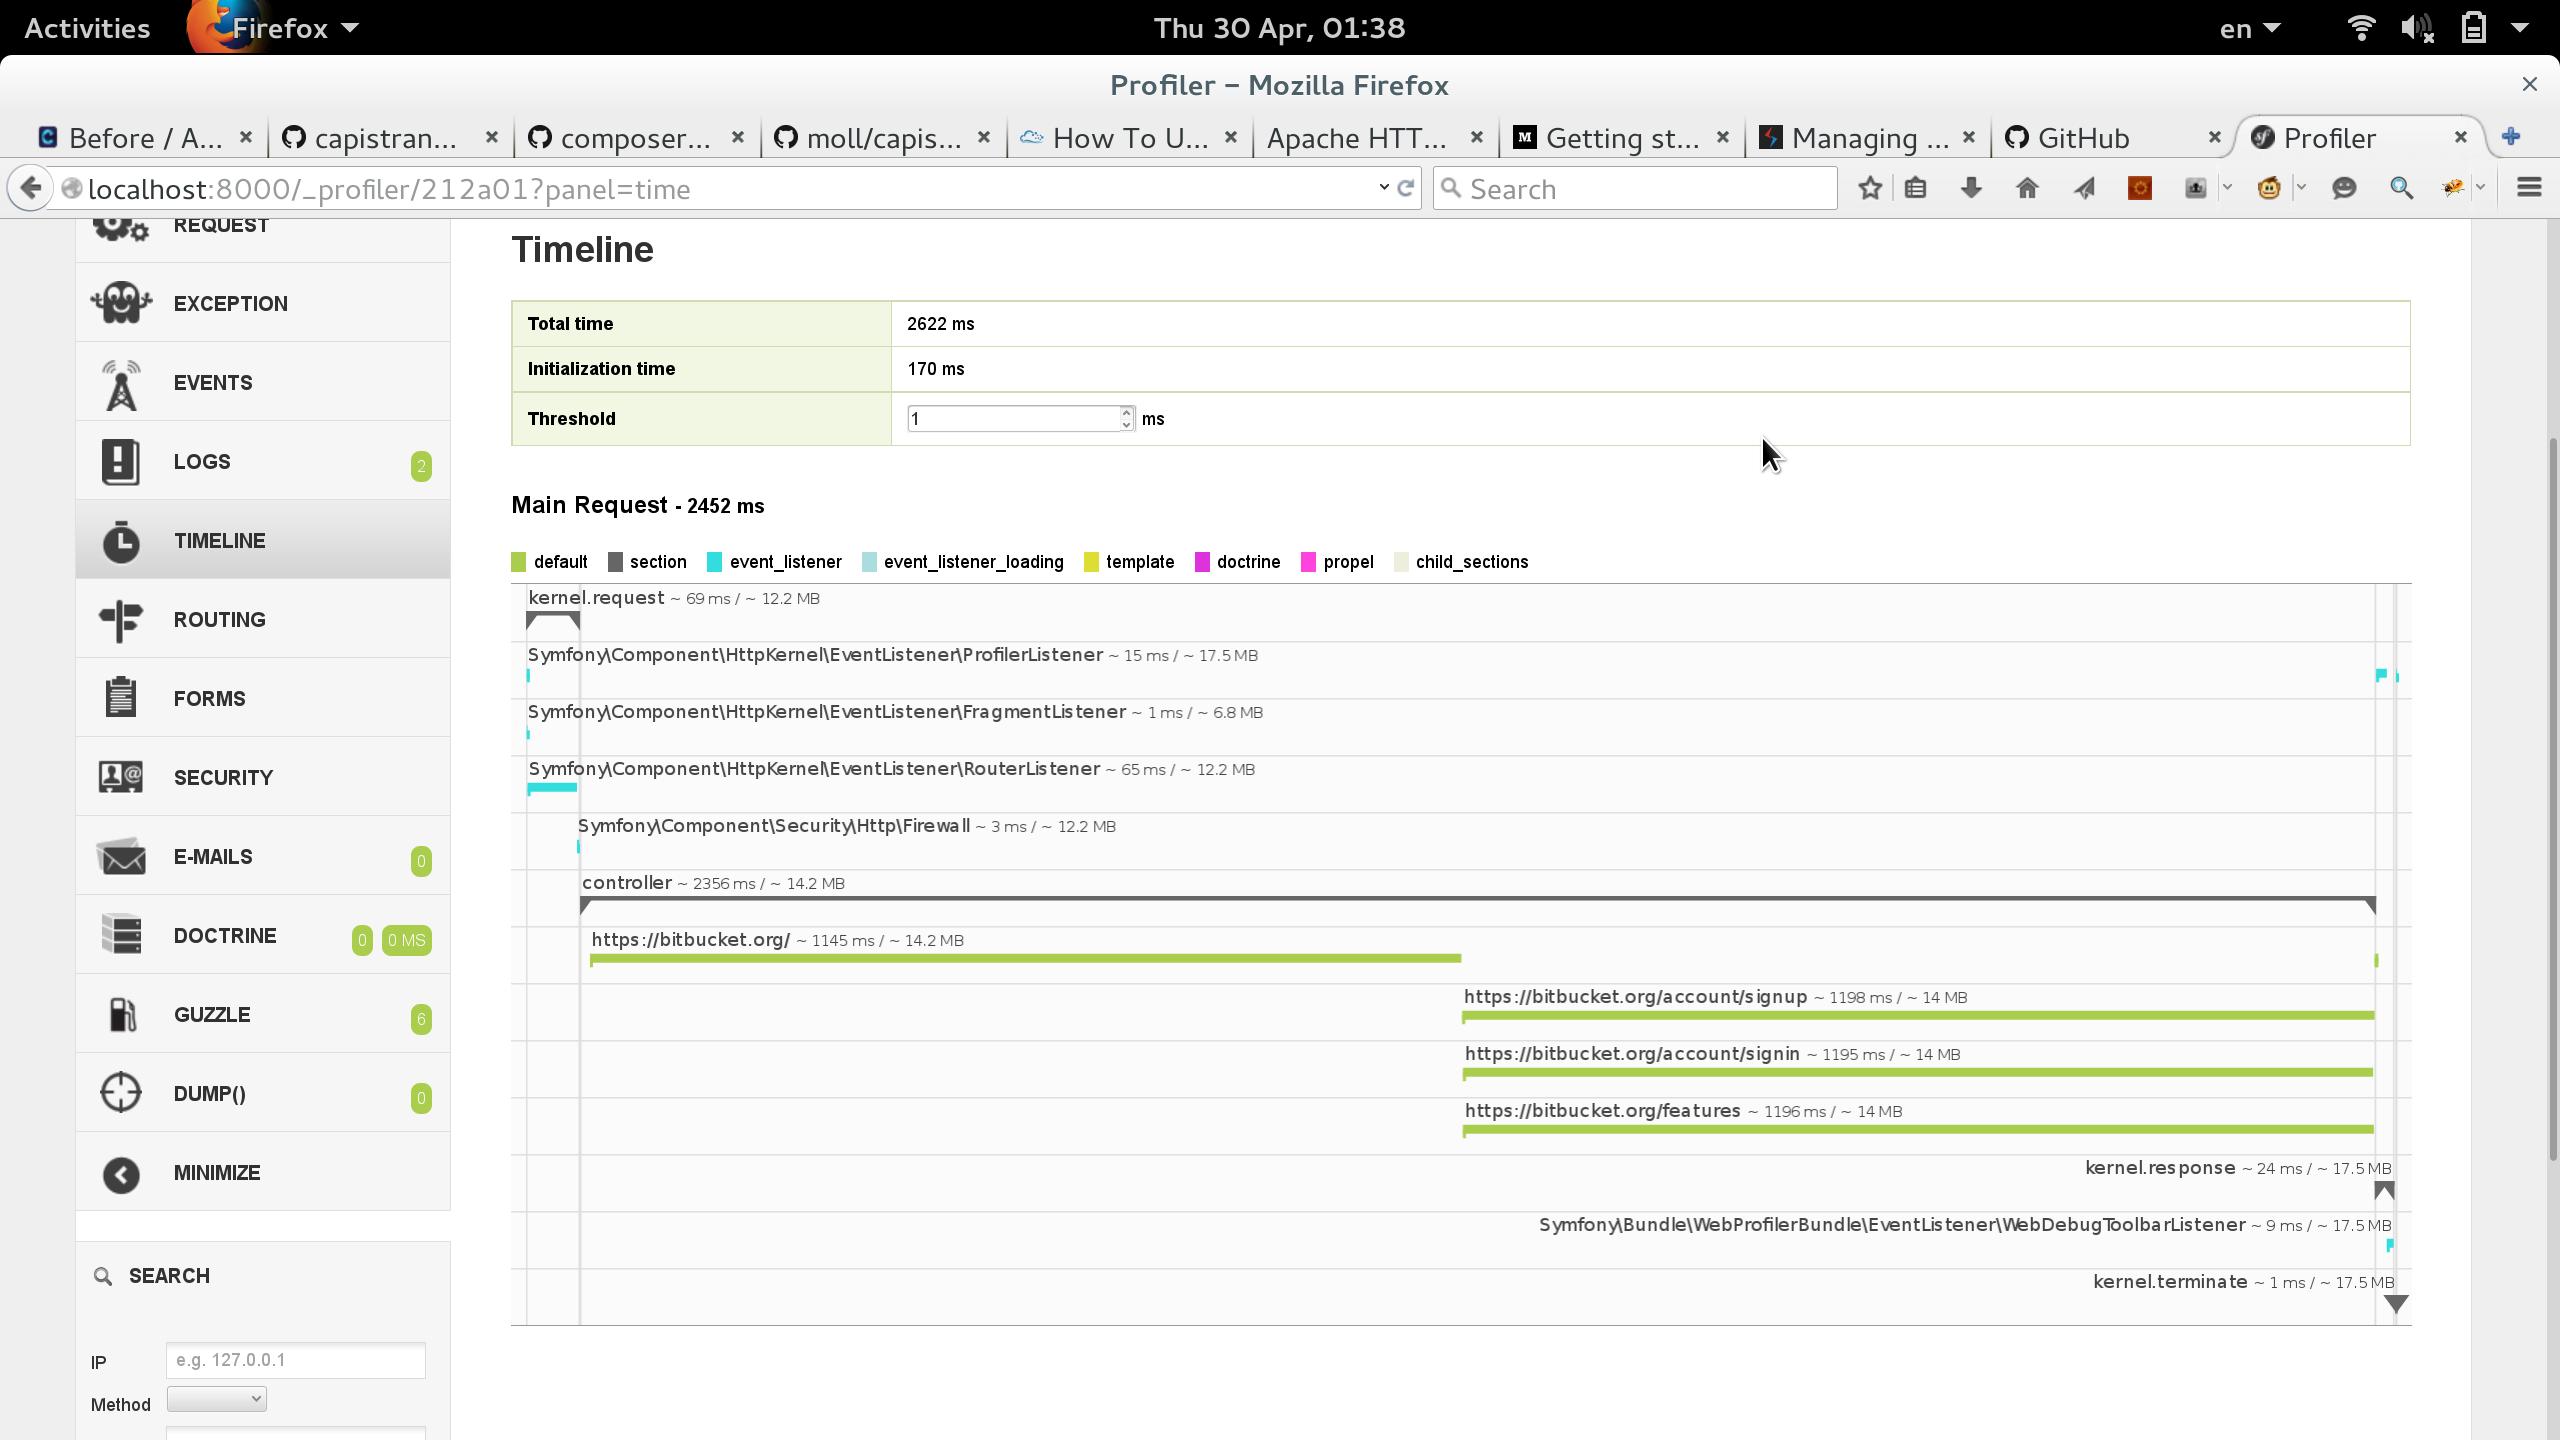 Profiler timeline integration